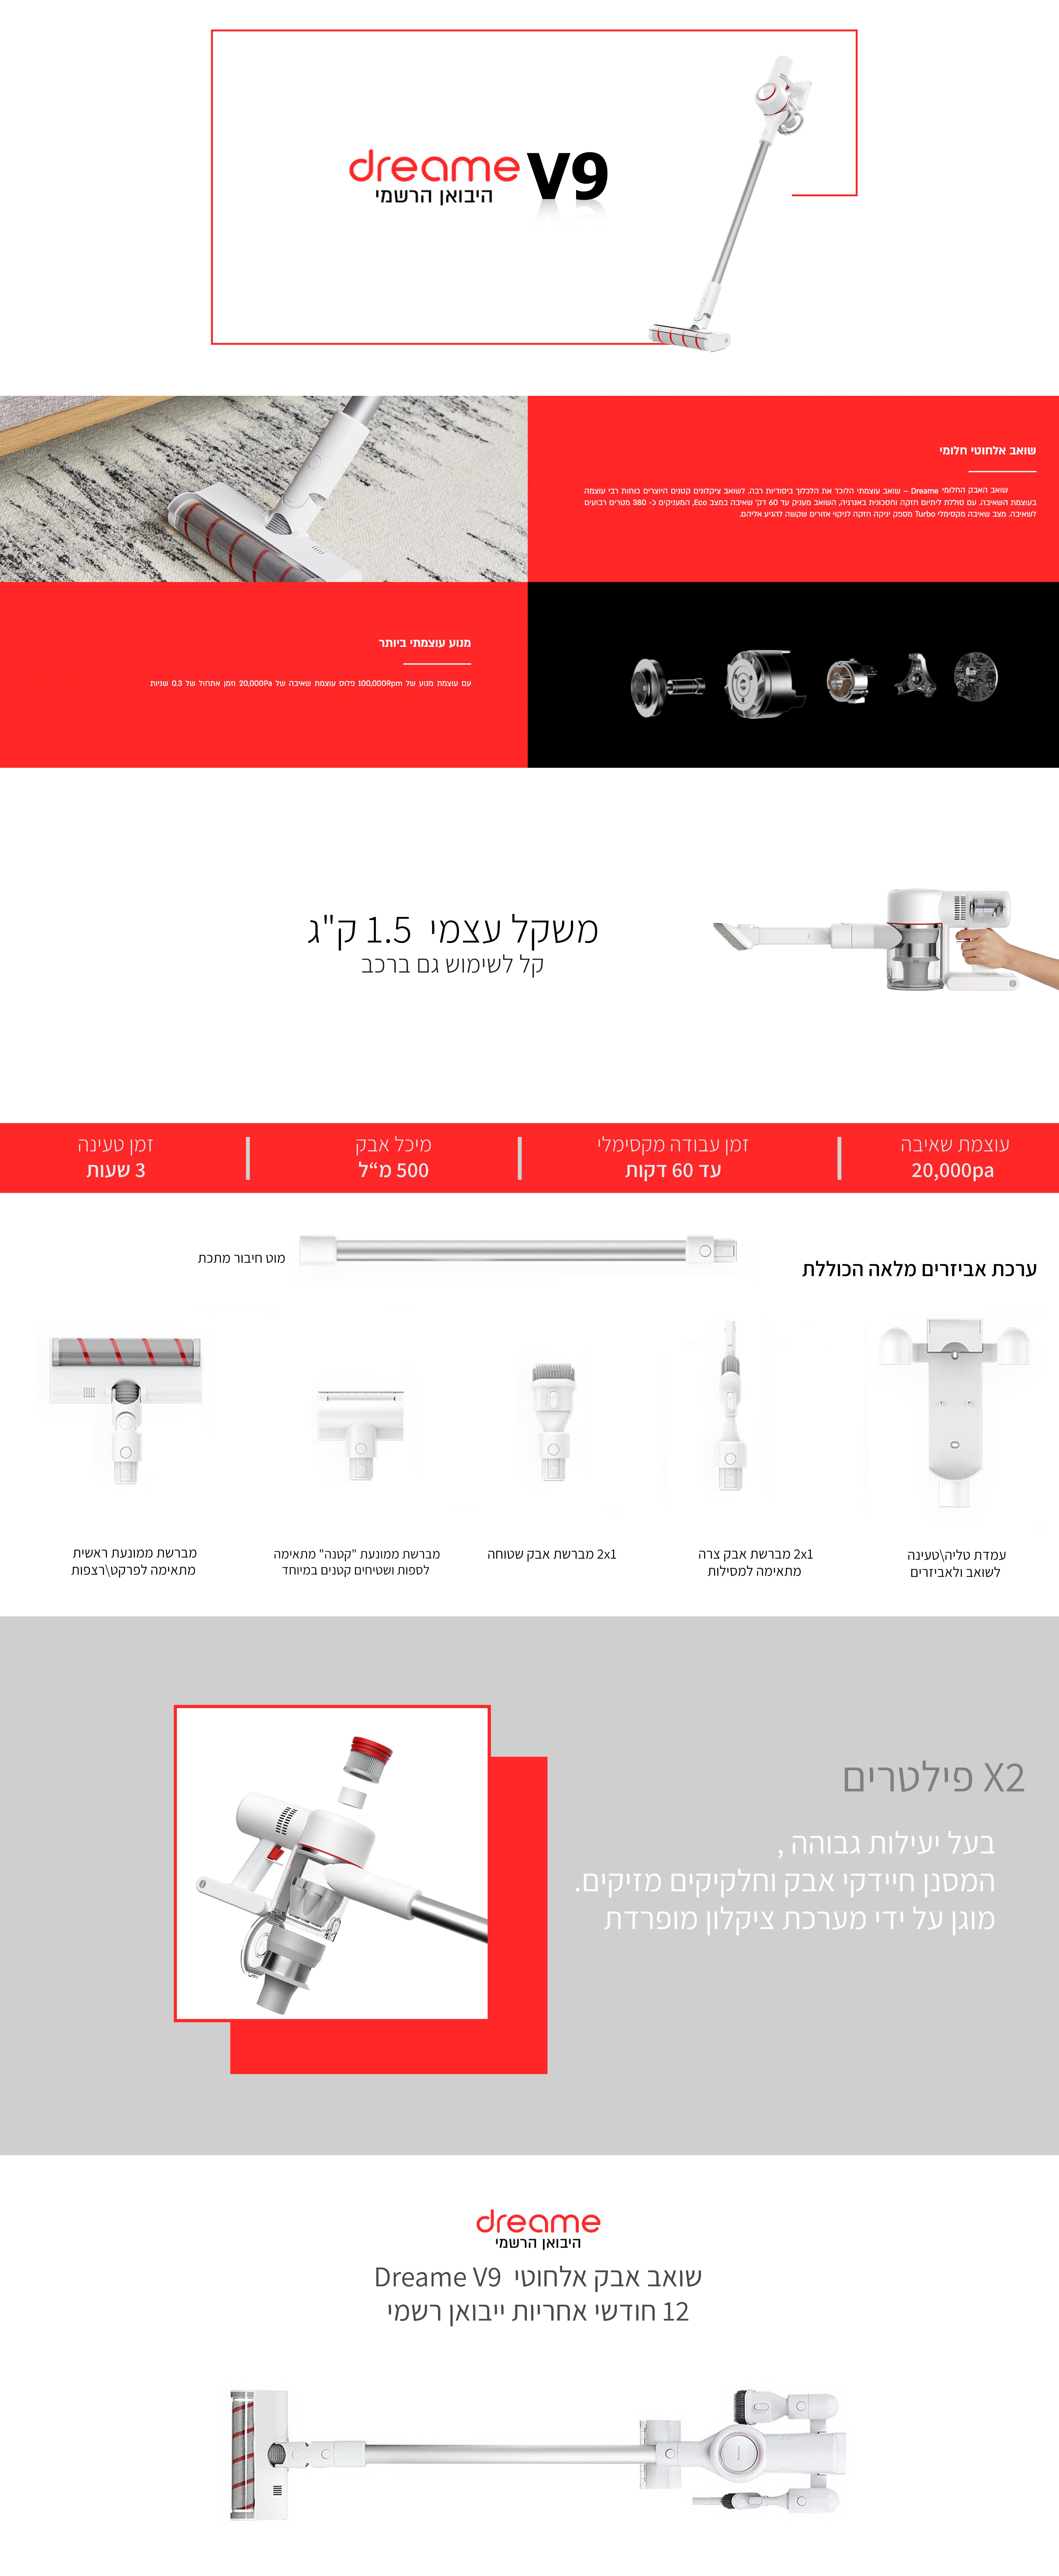 שואב אבק אלחוטי - Dreame V9 יבואן רשמי אחריות 12 חודשים מבית שיאומי יבוא מקביל | שואבי אבק אלחוטיים של Xiaomi הכי זולים בארץ! 26